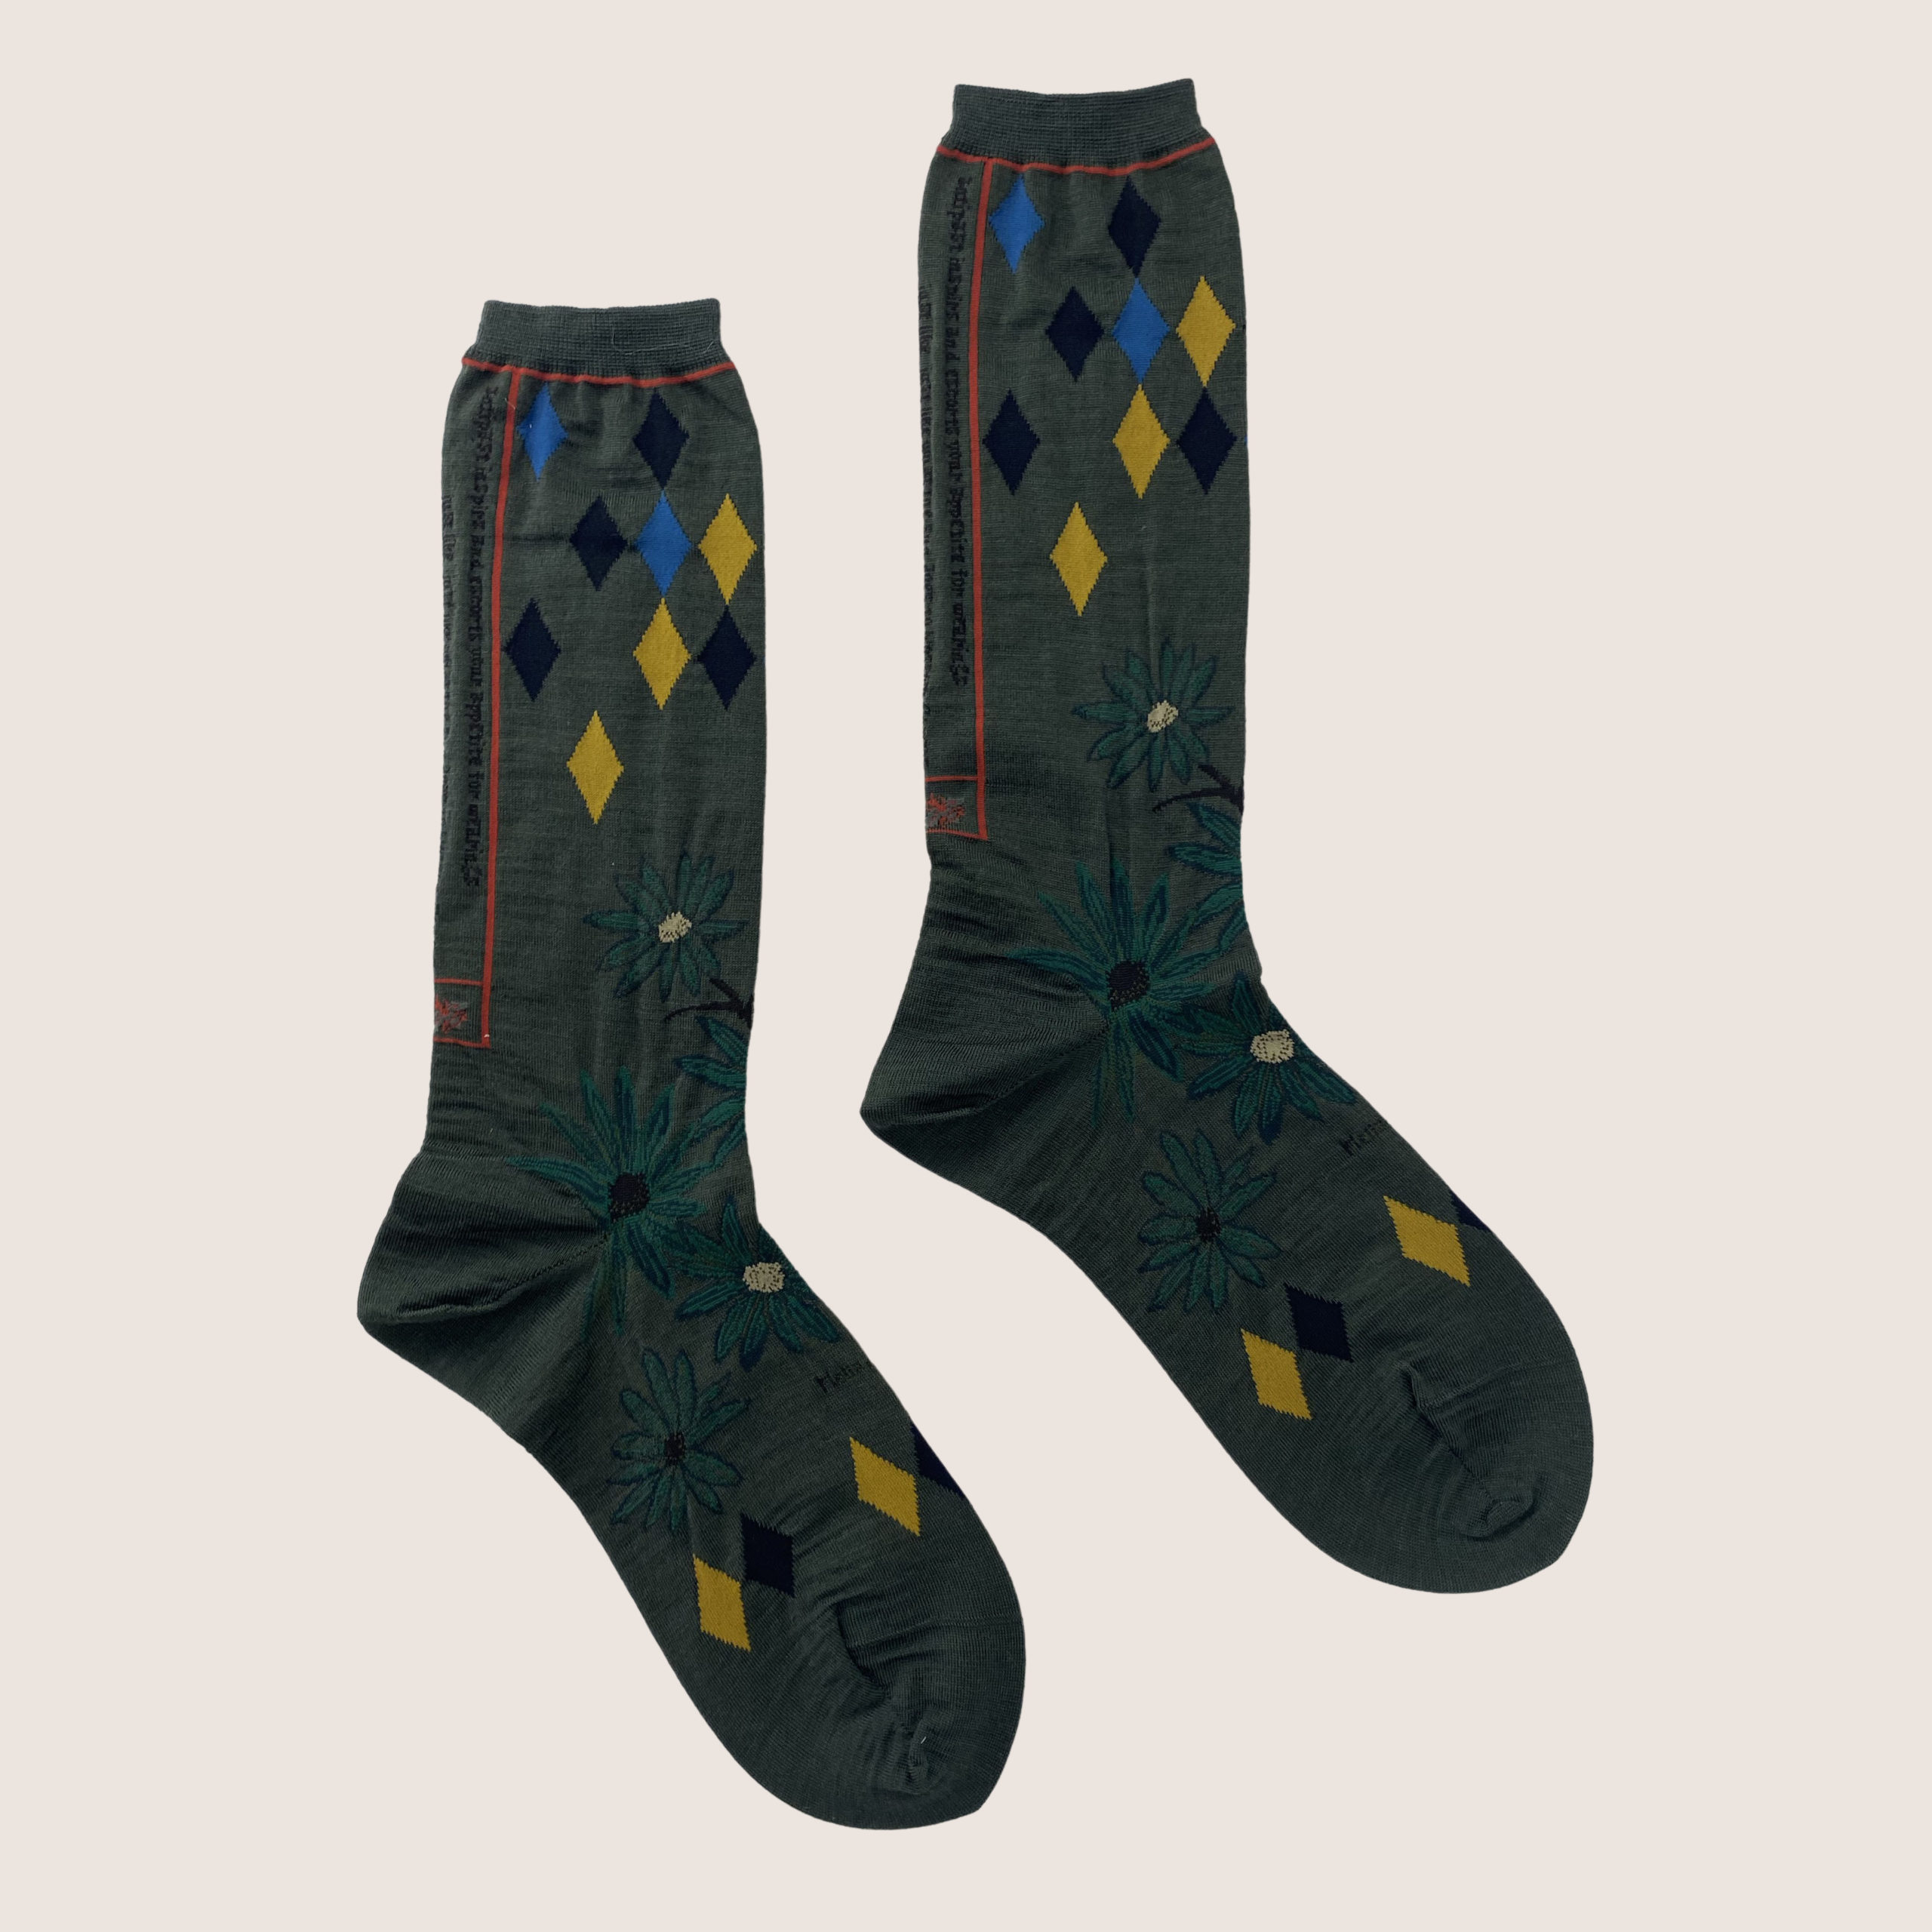 Socks - AM675A